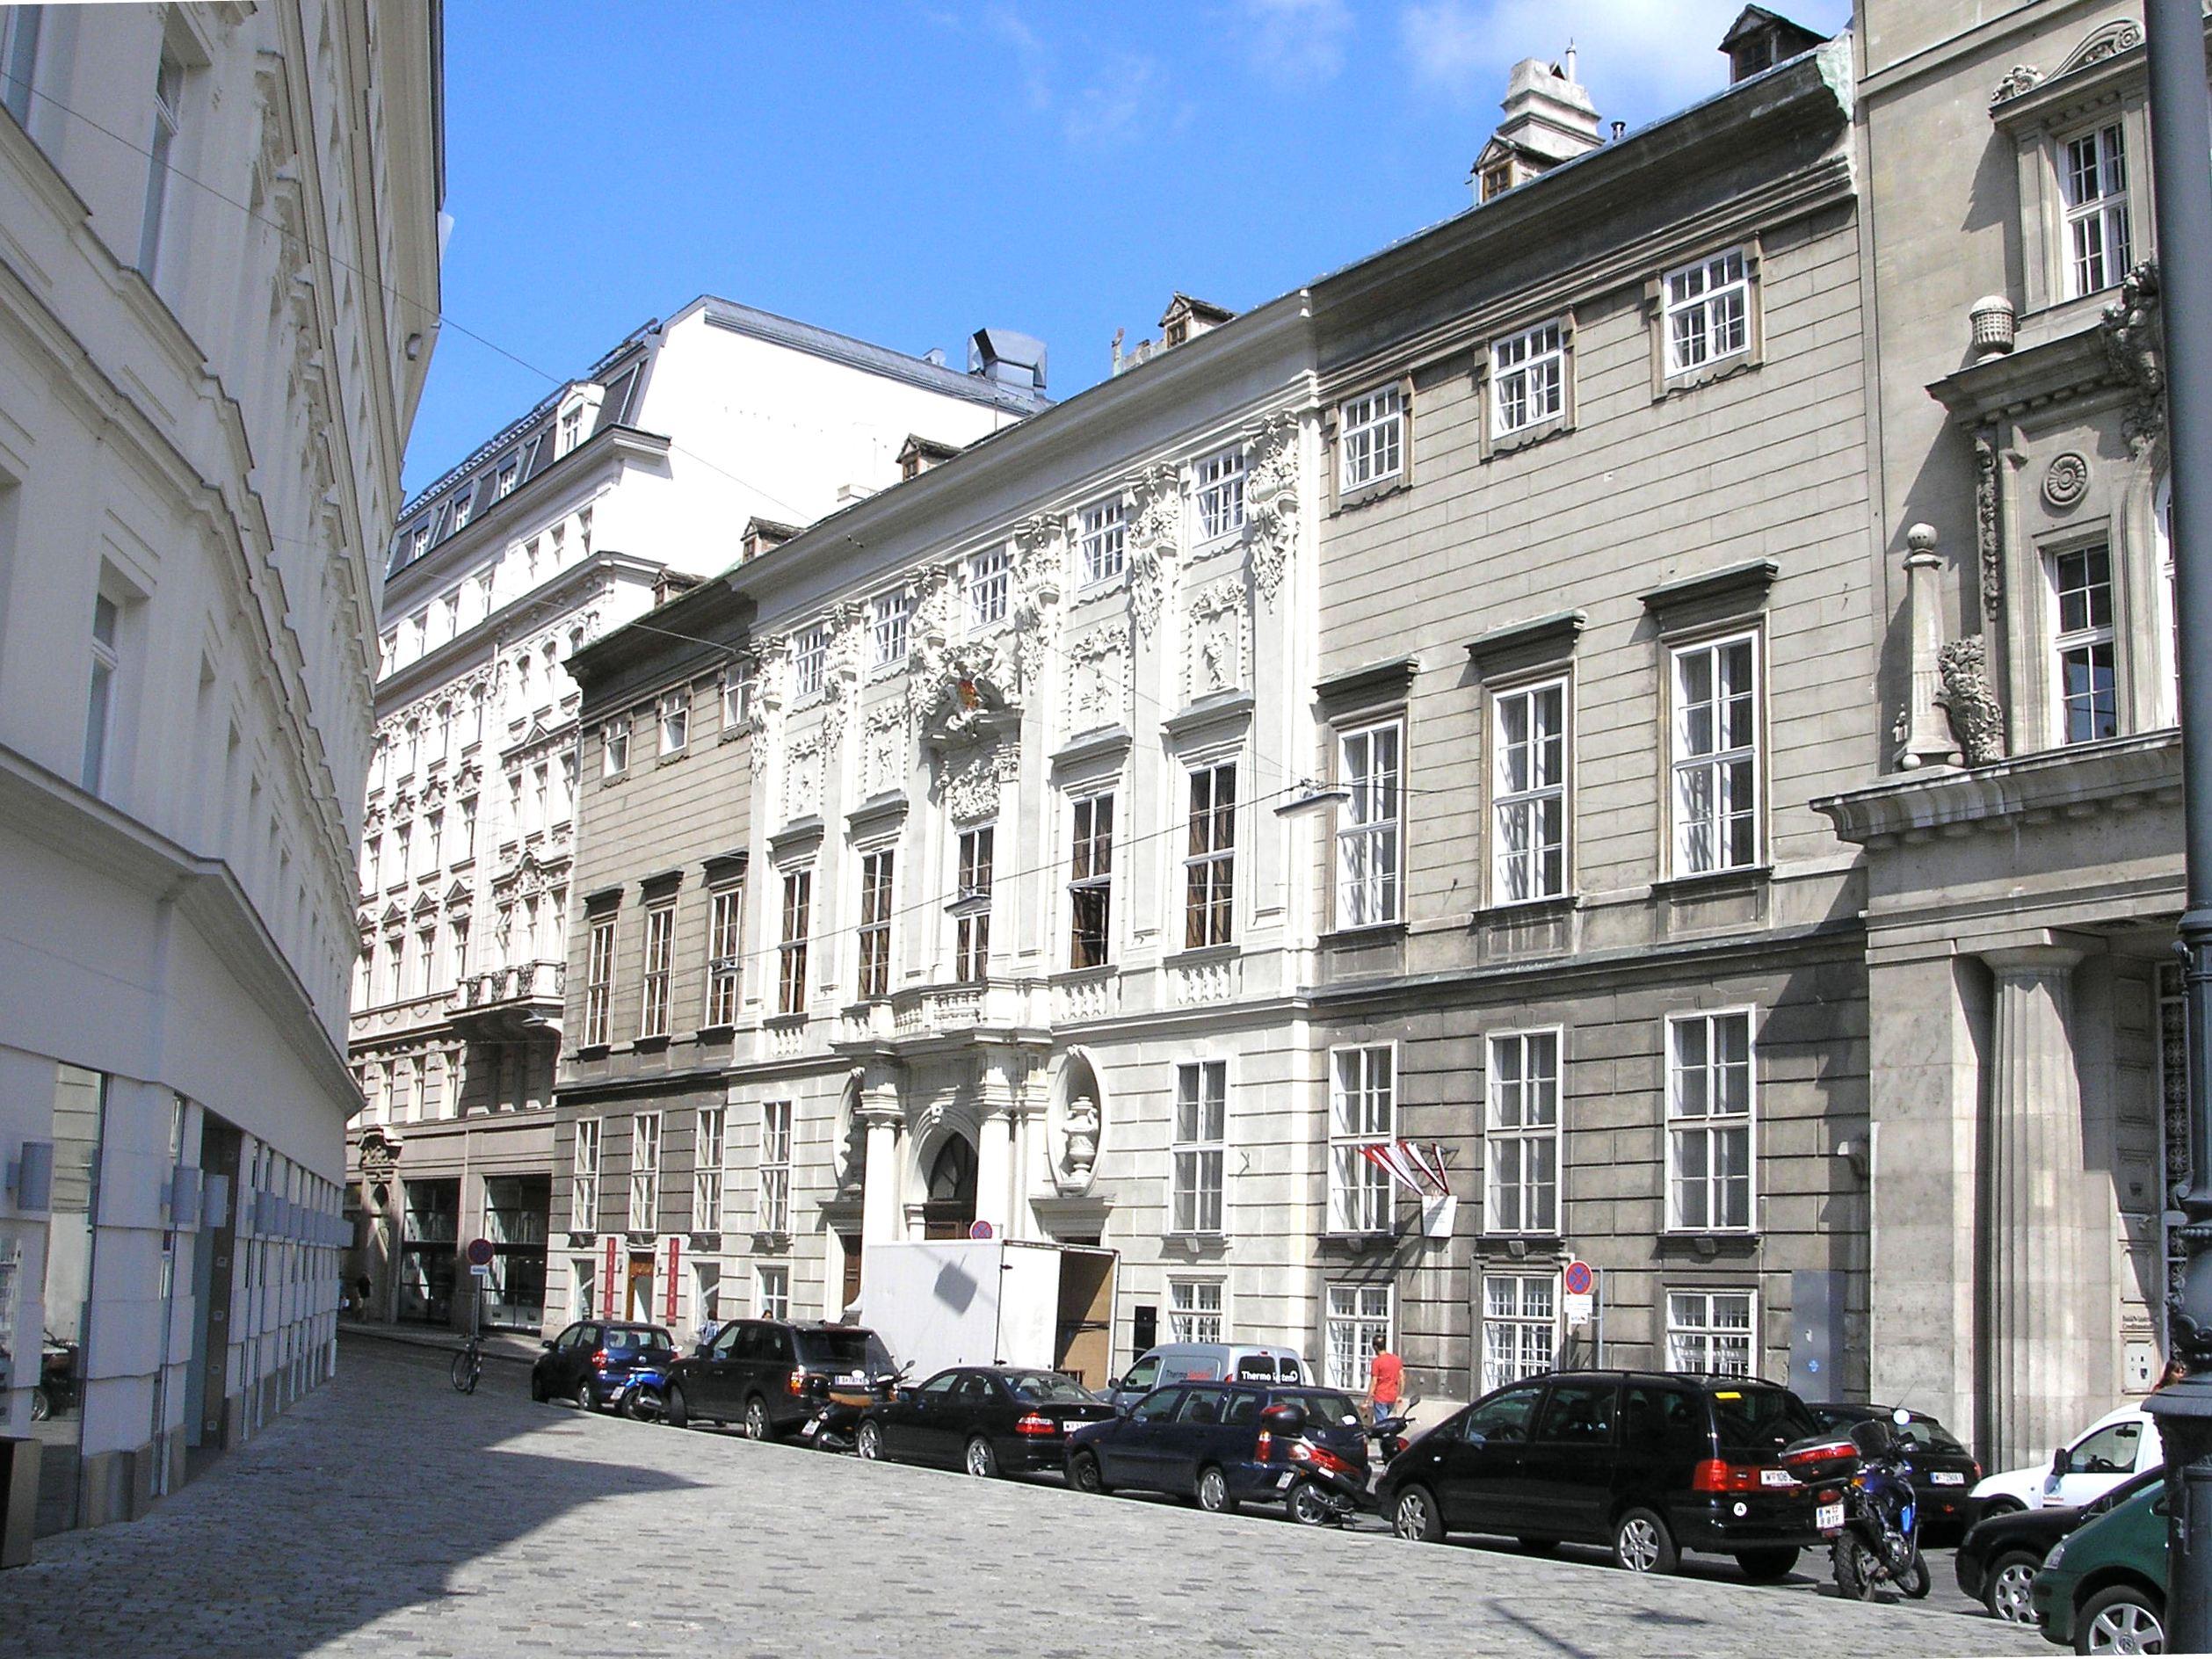 Palais Schönborn-Batthyany Vienna June 2006 559.jpg